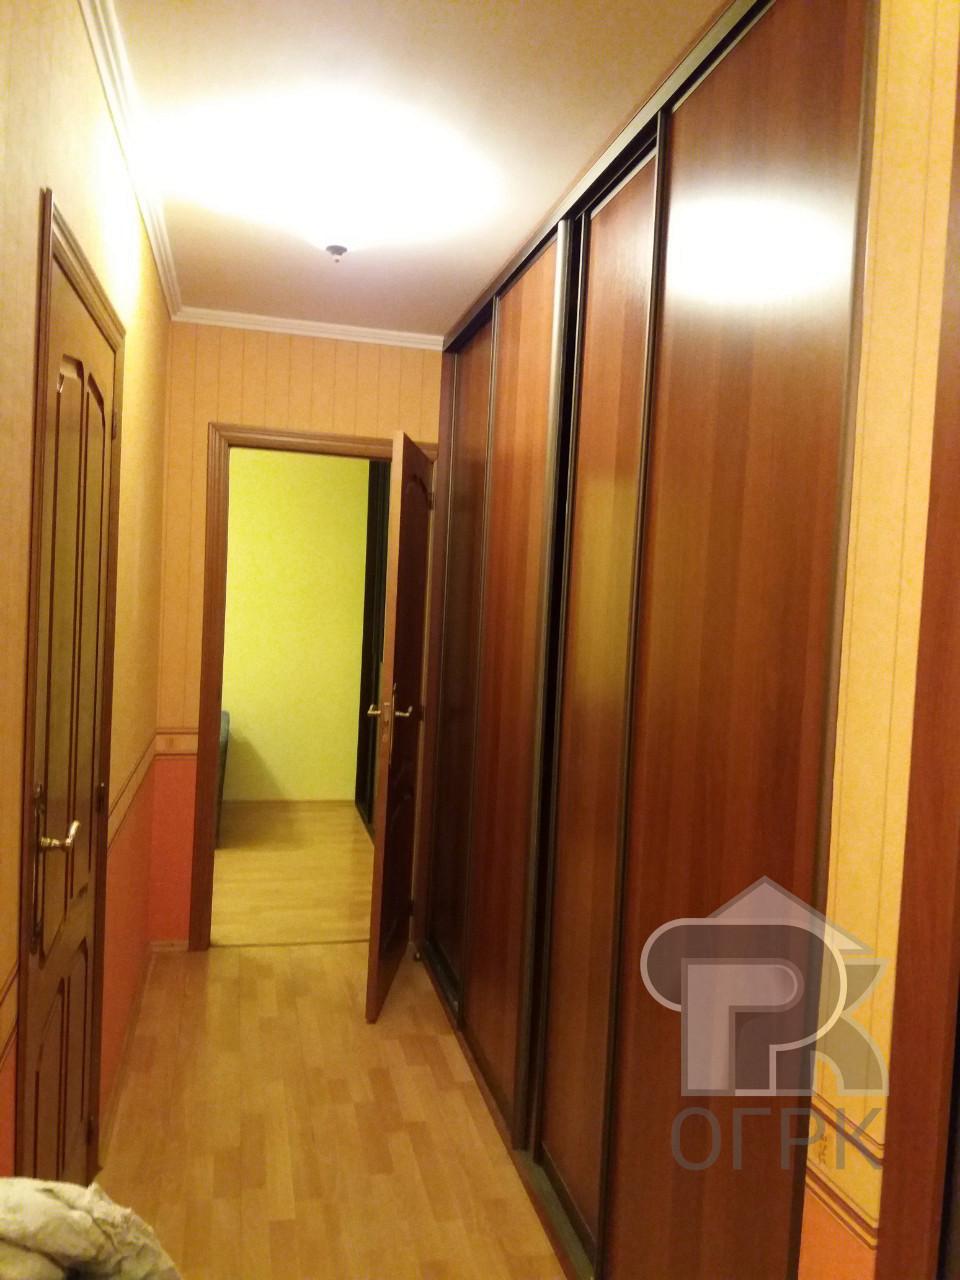 Купить 3-комнатную квартиру, город Москва, Москва, Союзный пр-т, д.10, №307892